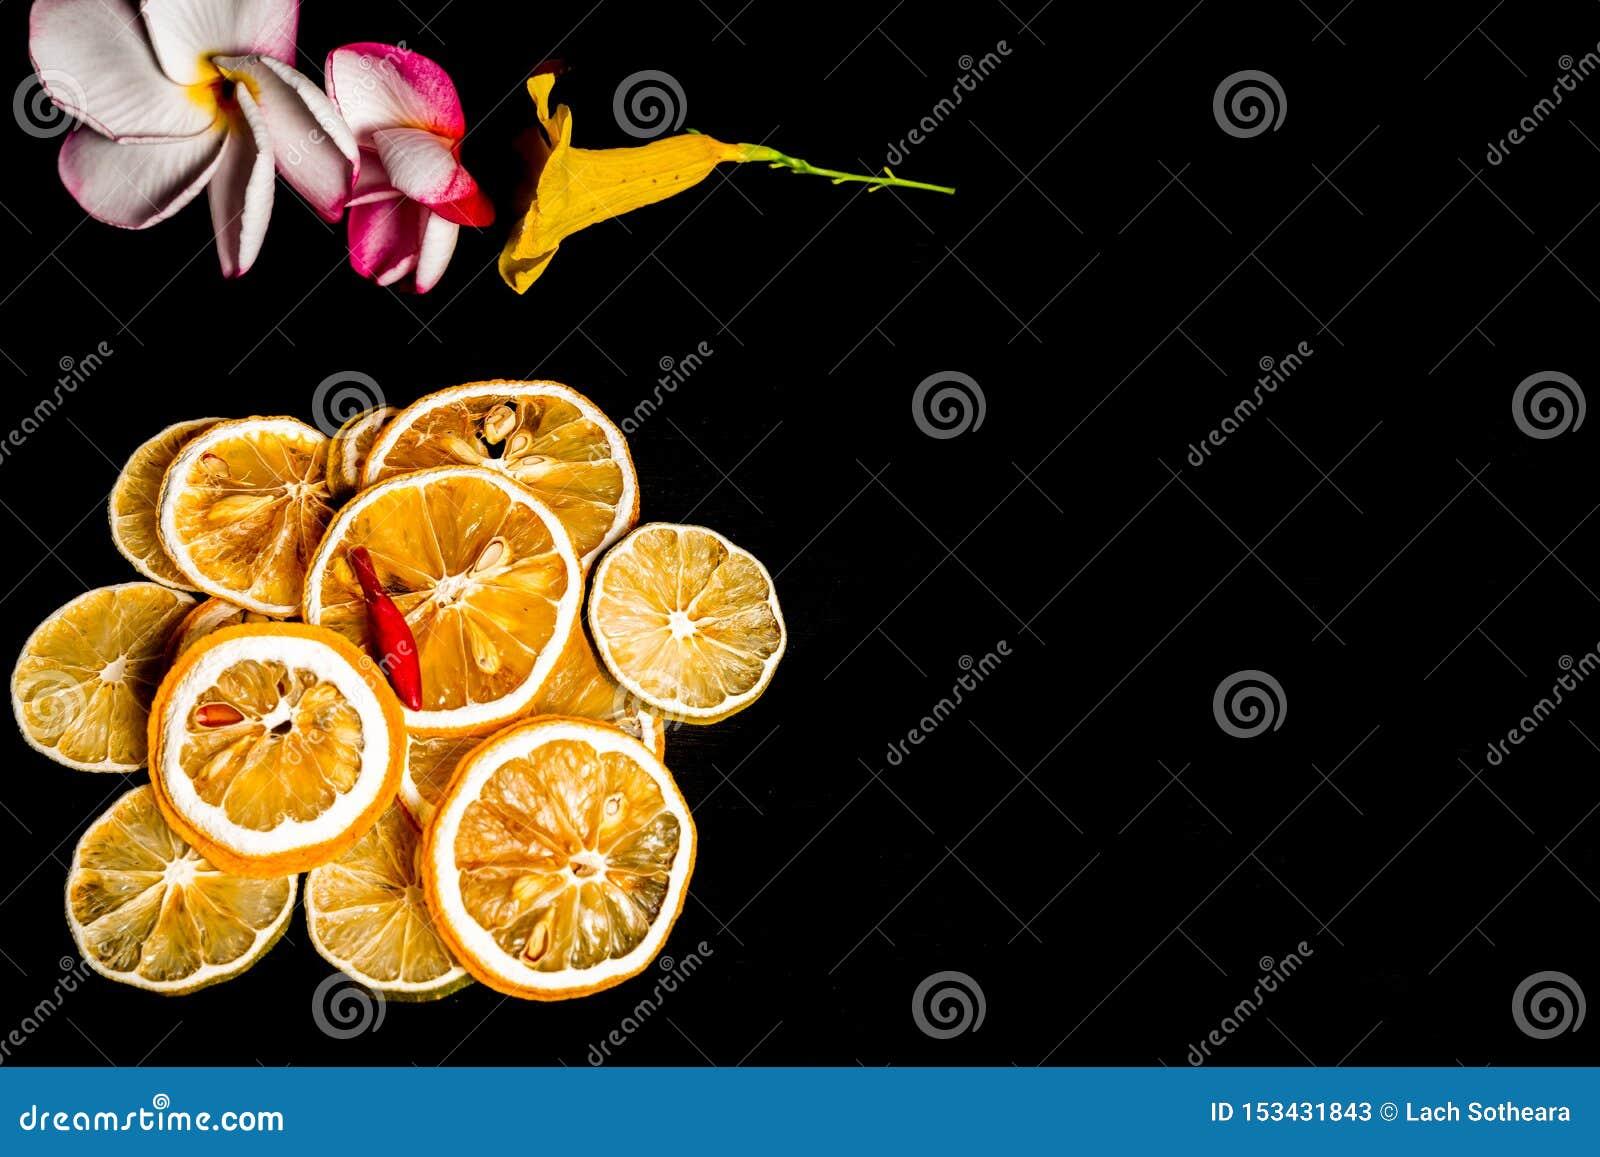 Droge die citroenplak op zwarte achtergrond wordt geïsoleerd